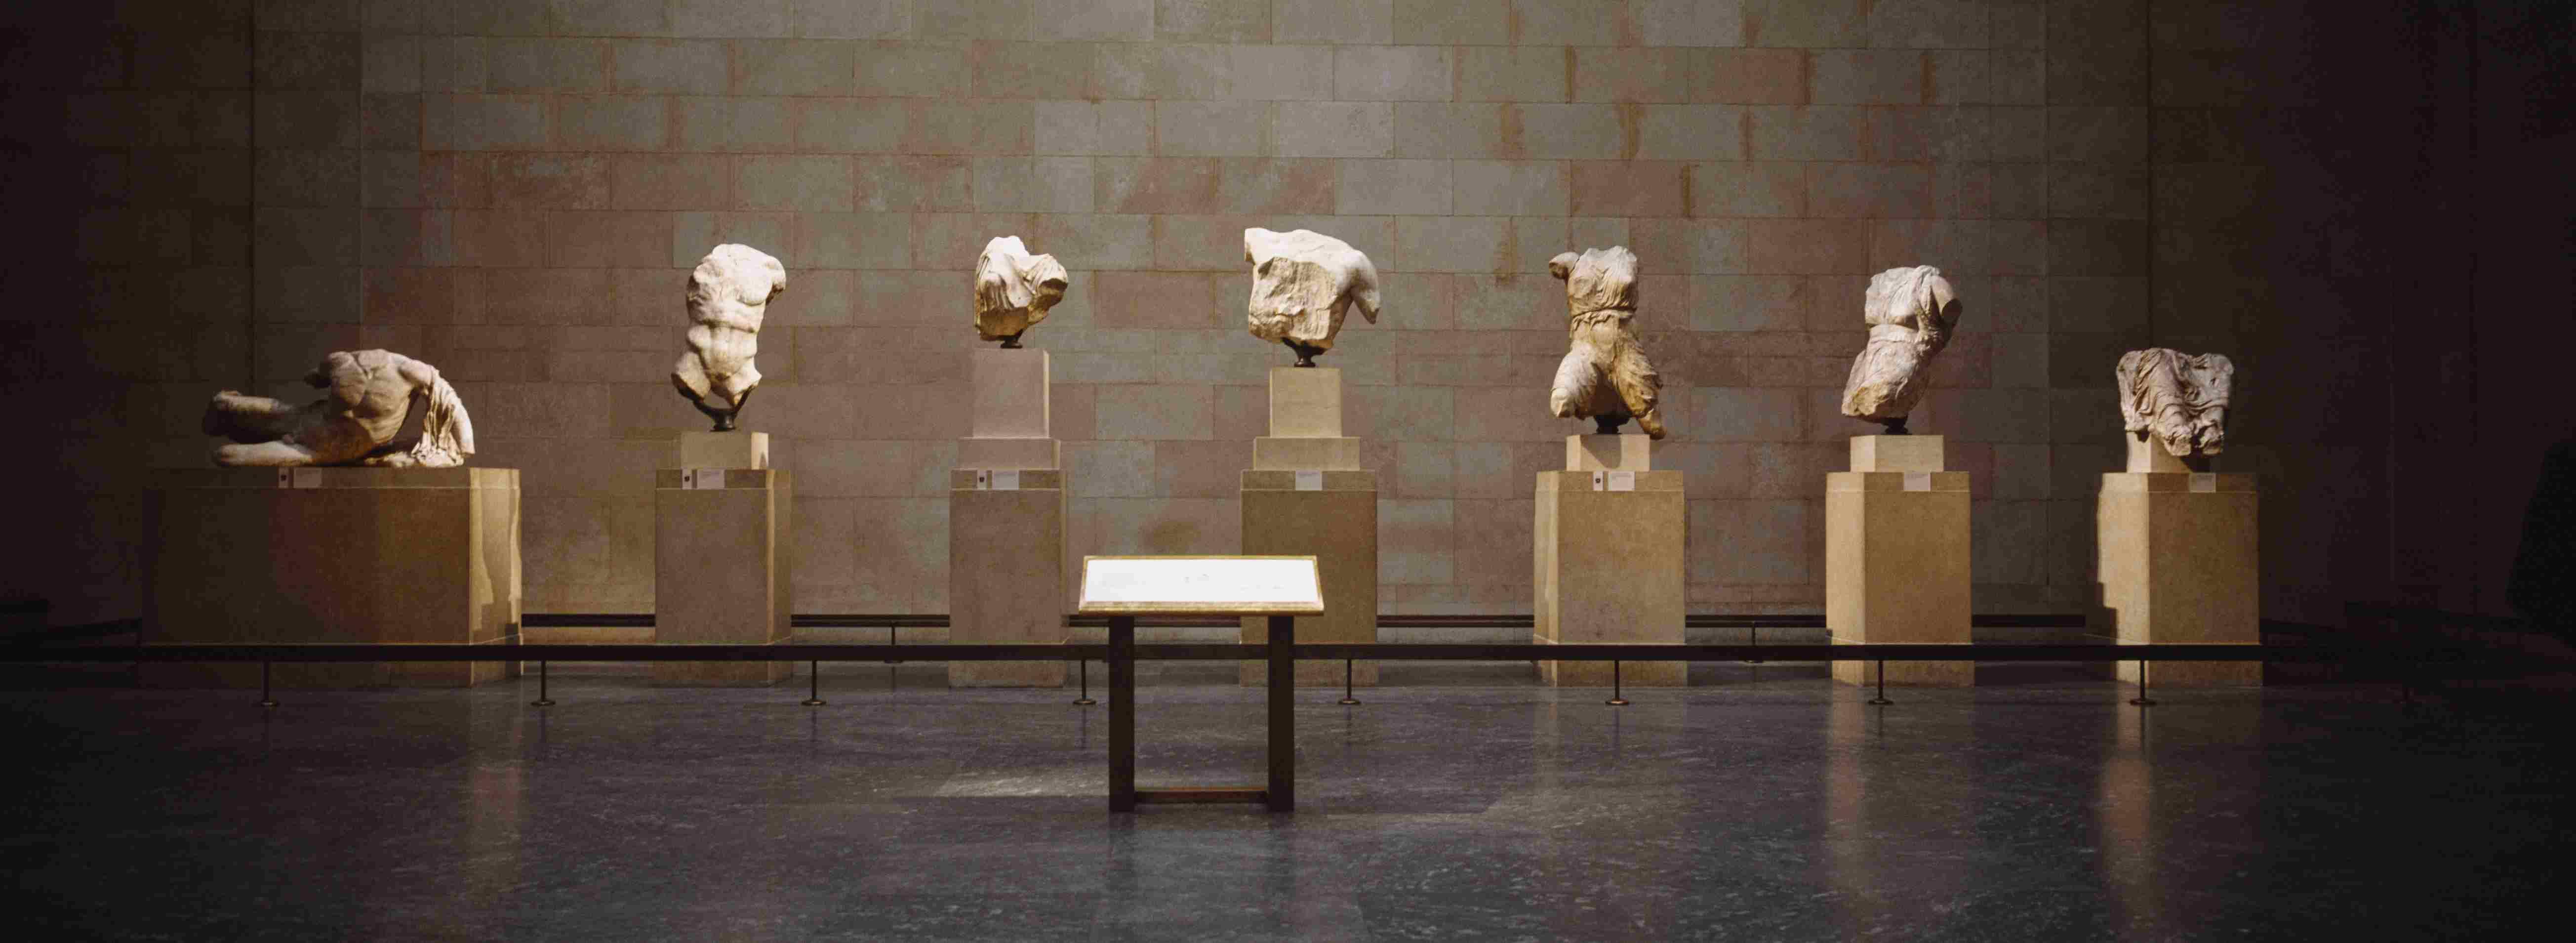 Elgin Marbles muestra en un museo, Museo Británico, Londres, Inglaterra